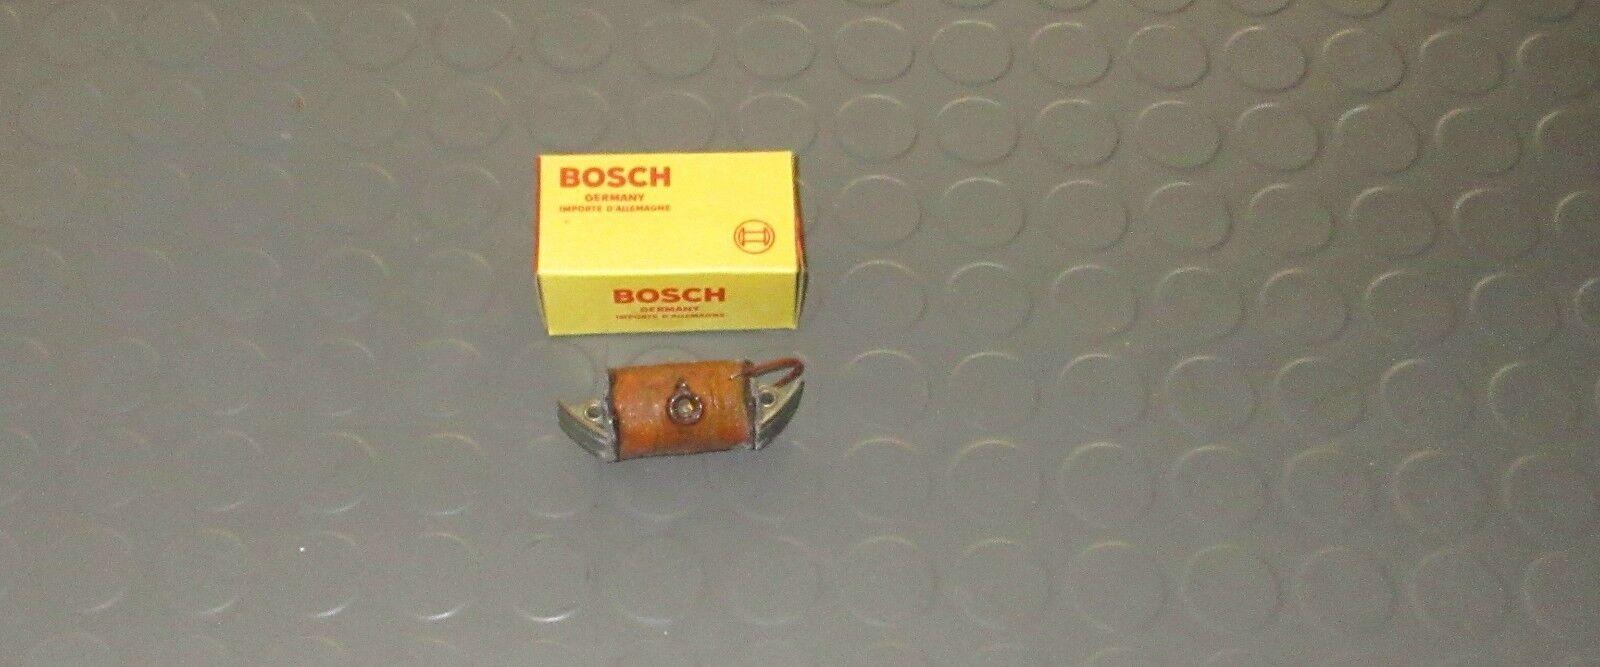 Zündanker Zündspule Zündapp Hercules Bucher MAG original Bosch 2 204 210 013 NOS